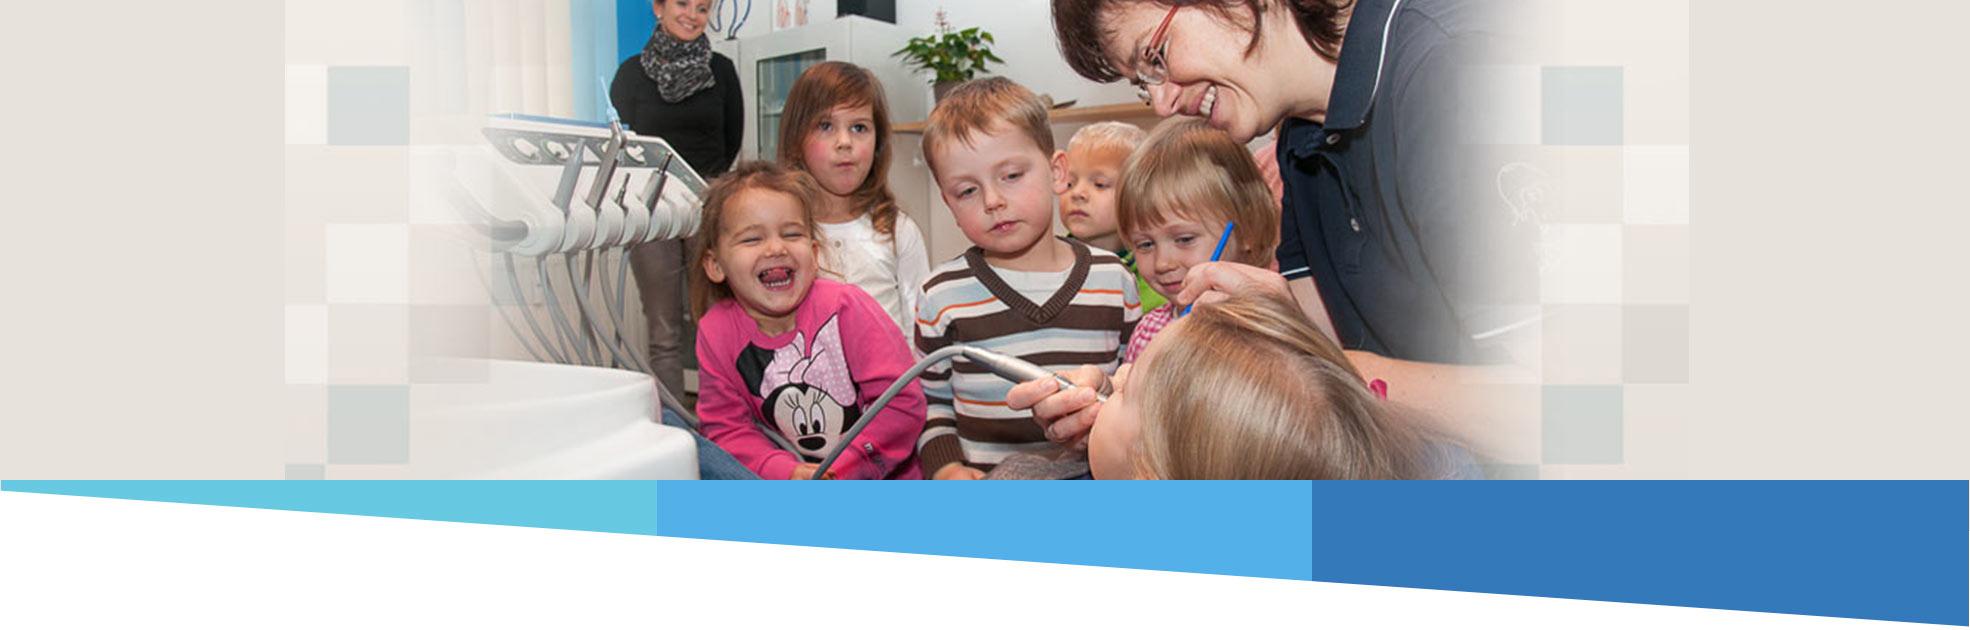 Sandra Hintze Zahnärzte aus Trebbin beim Kindernachmittag